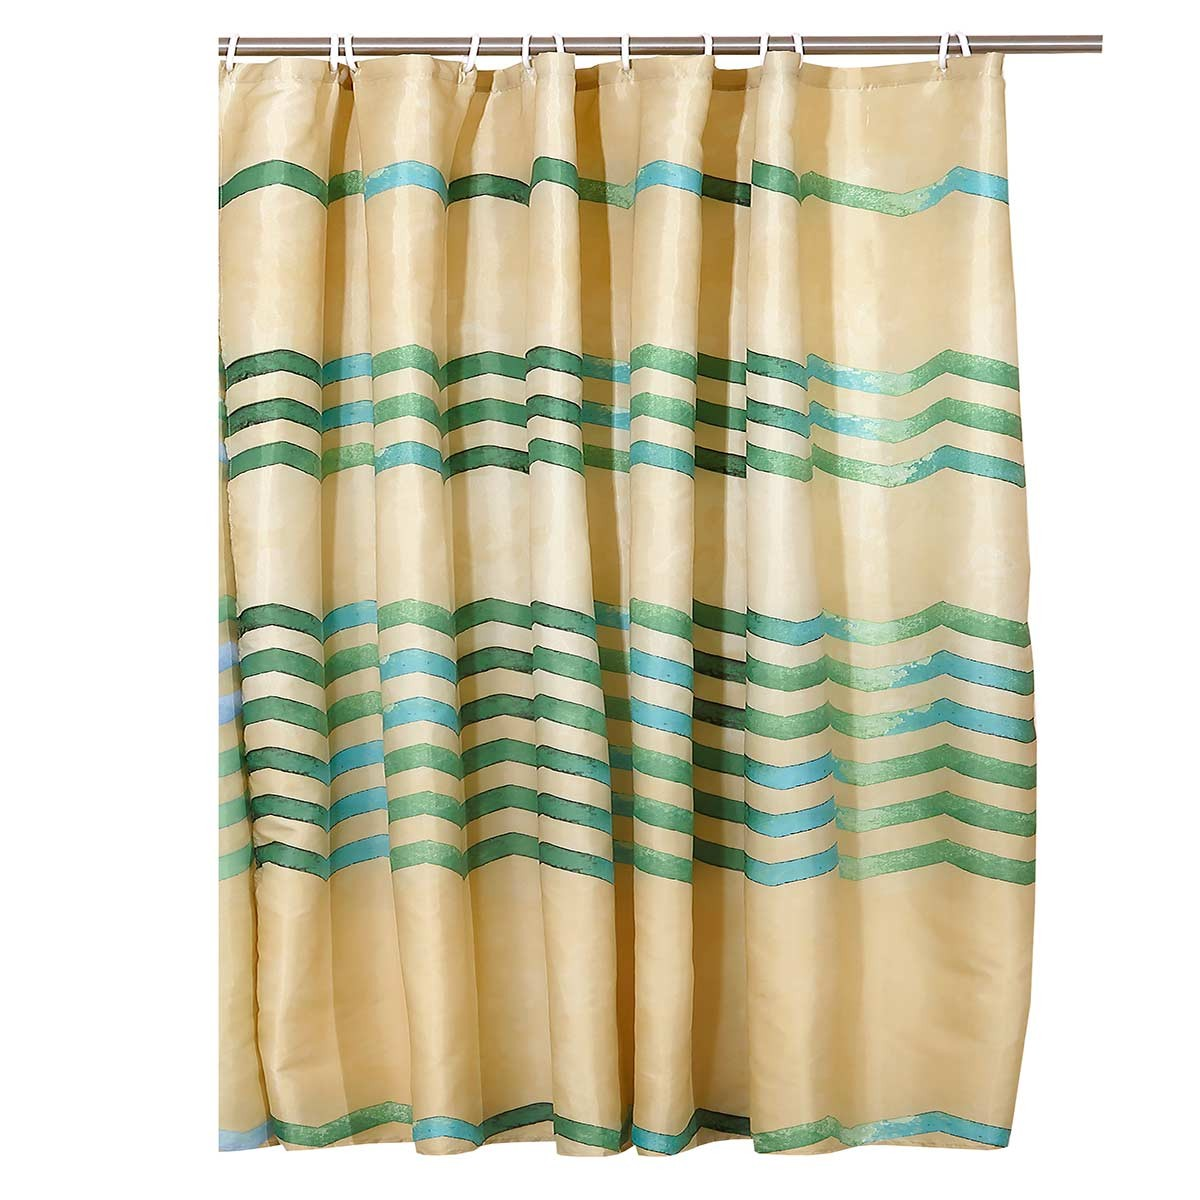 Κουρτίνα Μπάνιου (180x180) Viopros Ζικ Ζακ Πράσινο